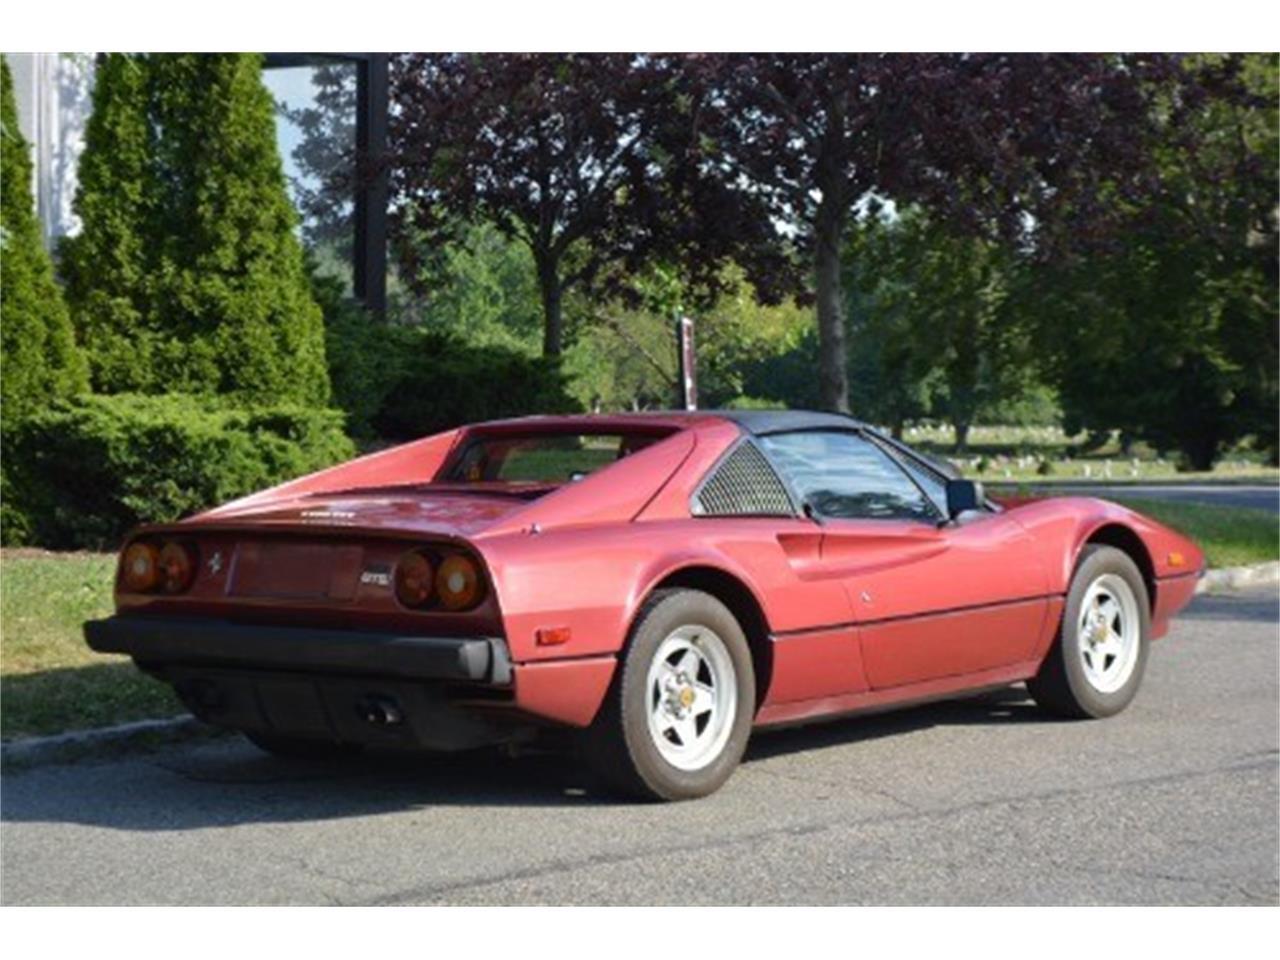 Large Picture of '81 Ferrari 308 GTSI located in New York - $42,500.00 - IRTQ